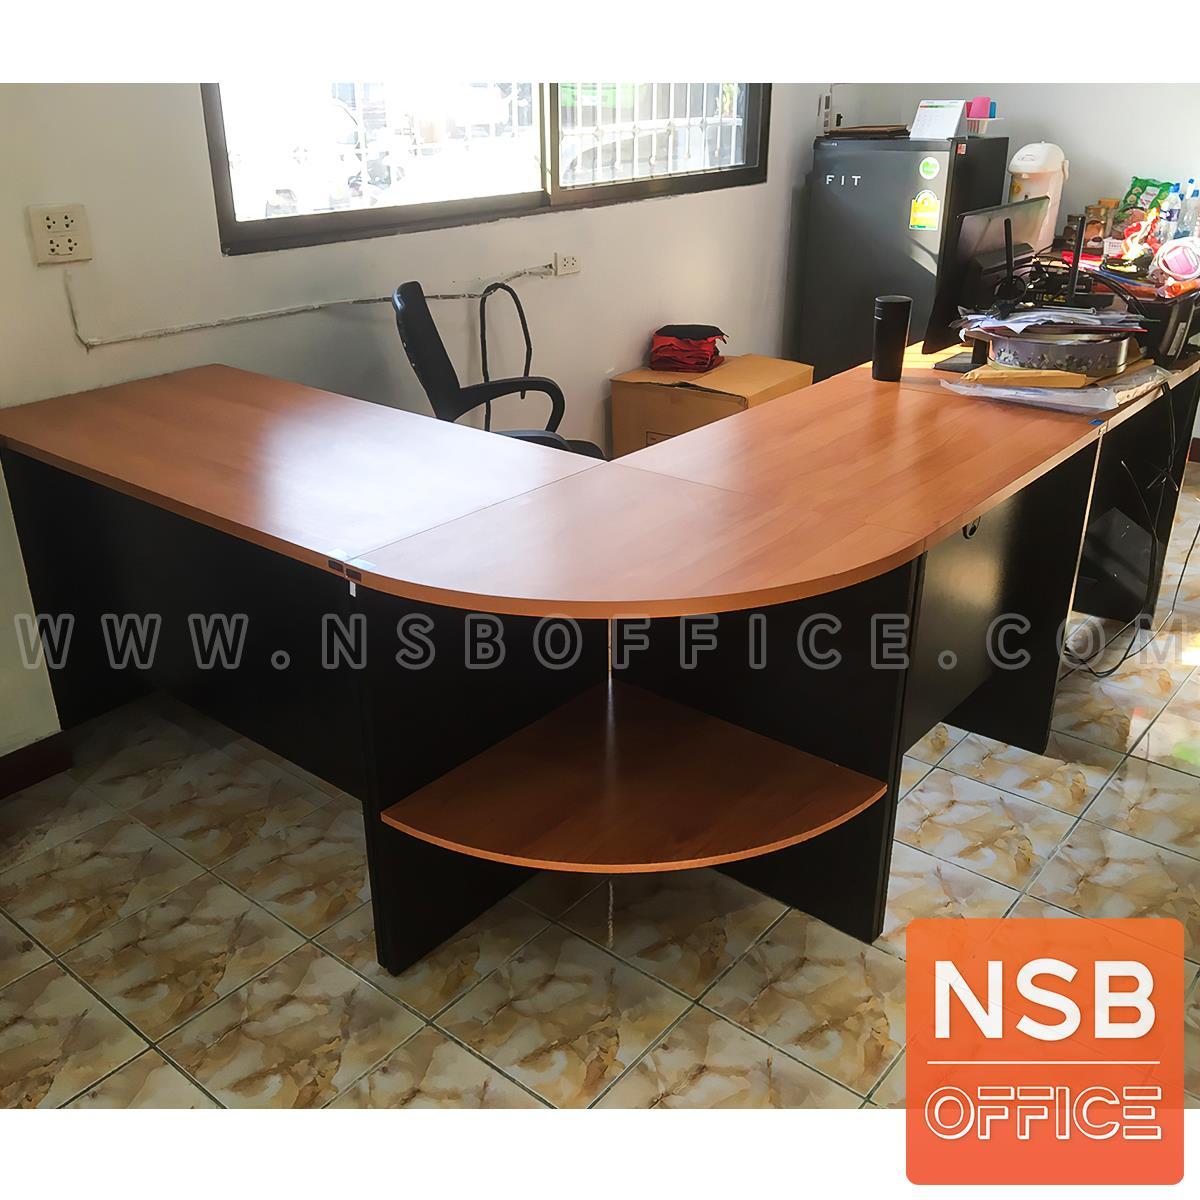 โต๊ะทำงานตัวแอลชุด 3 ชิ้น รุ่น Timberlake (ทิมเบอร์เลก) ขนาด 180W1*140W2 cm. เมลามีน